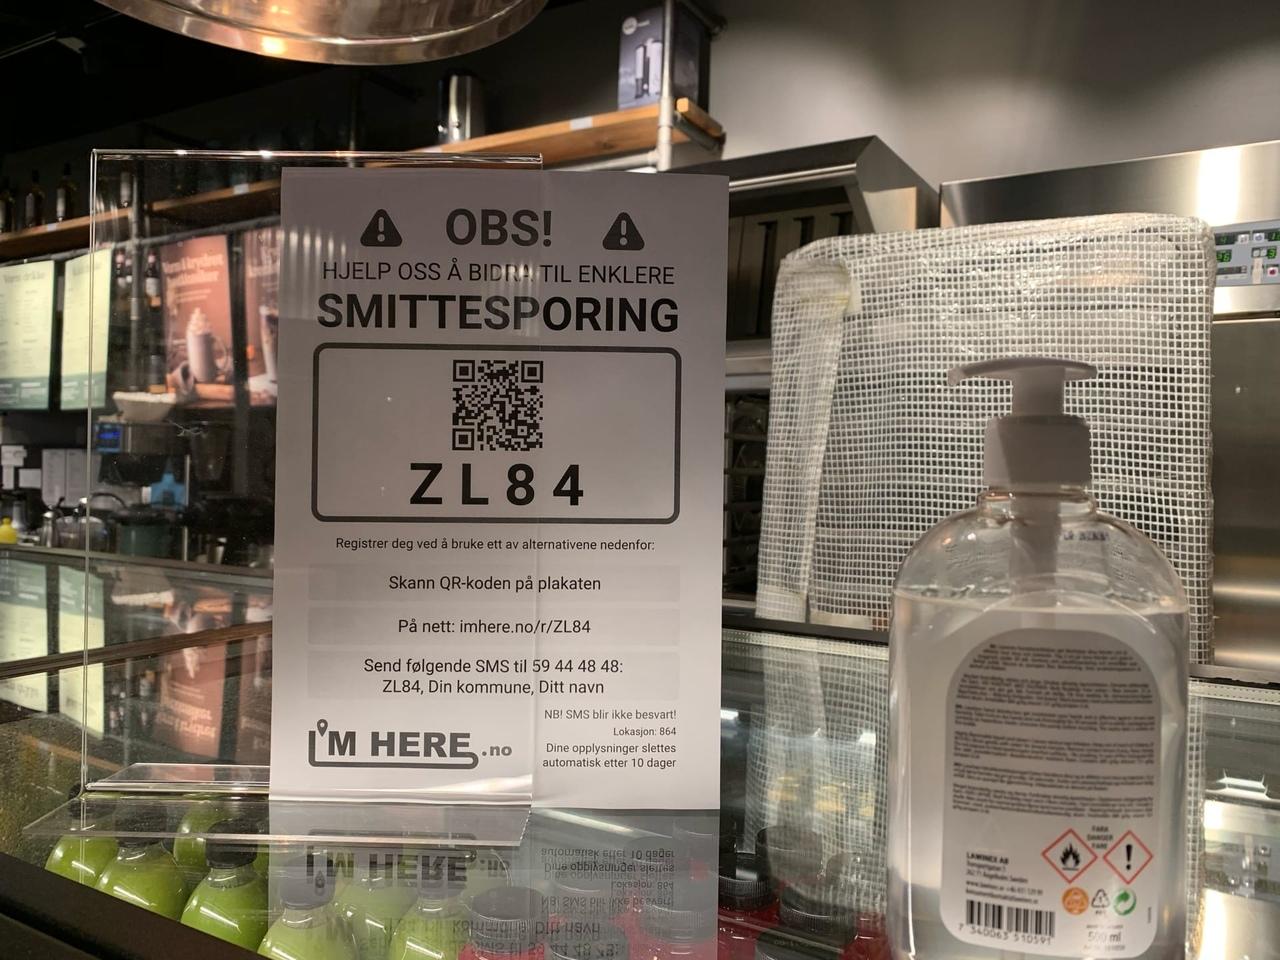 В кафе и других общественных местах можно найти таблички сQR-кодами, их нужно отсканировать смартфоном, чтобы отметиться, что ты тут был